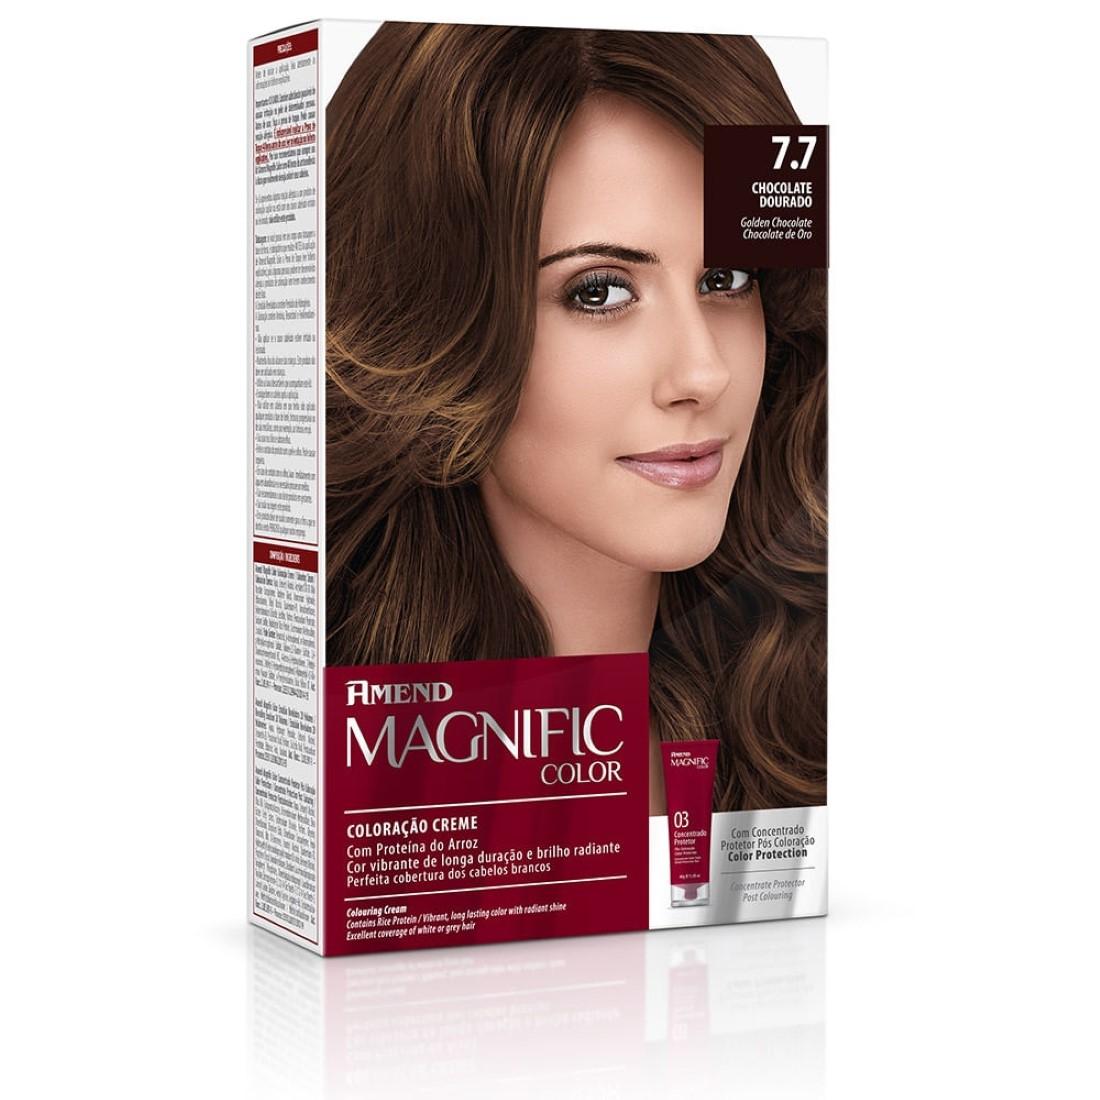 Coloração Creme Magnific Color com Concentrado Protetor Pós Coloração 7.7 Chocolate Dourado - Amend